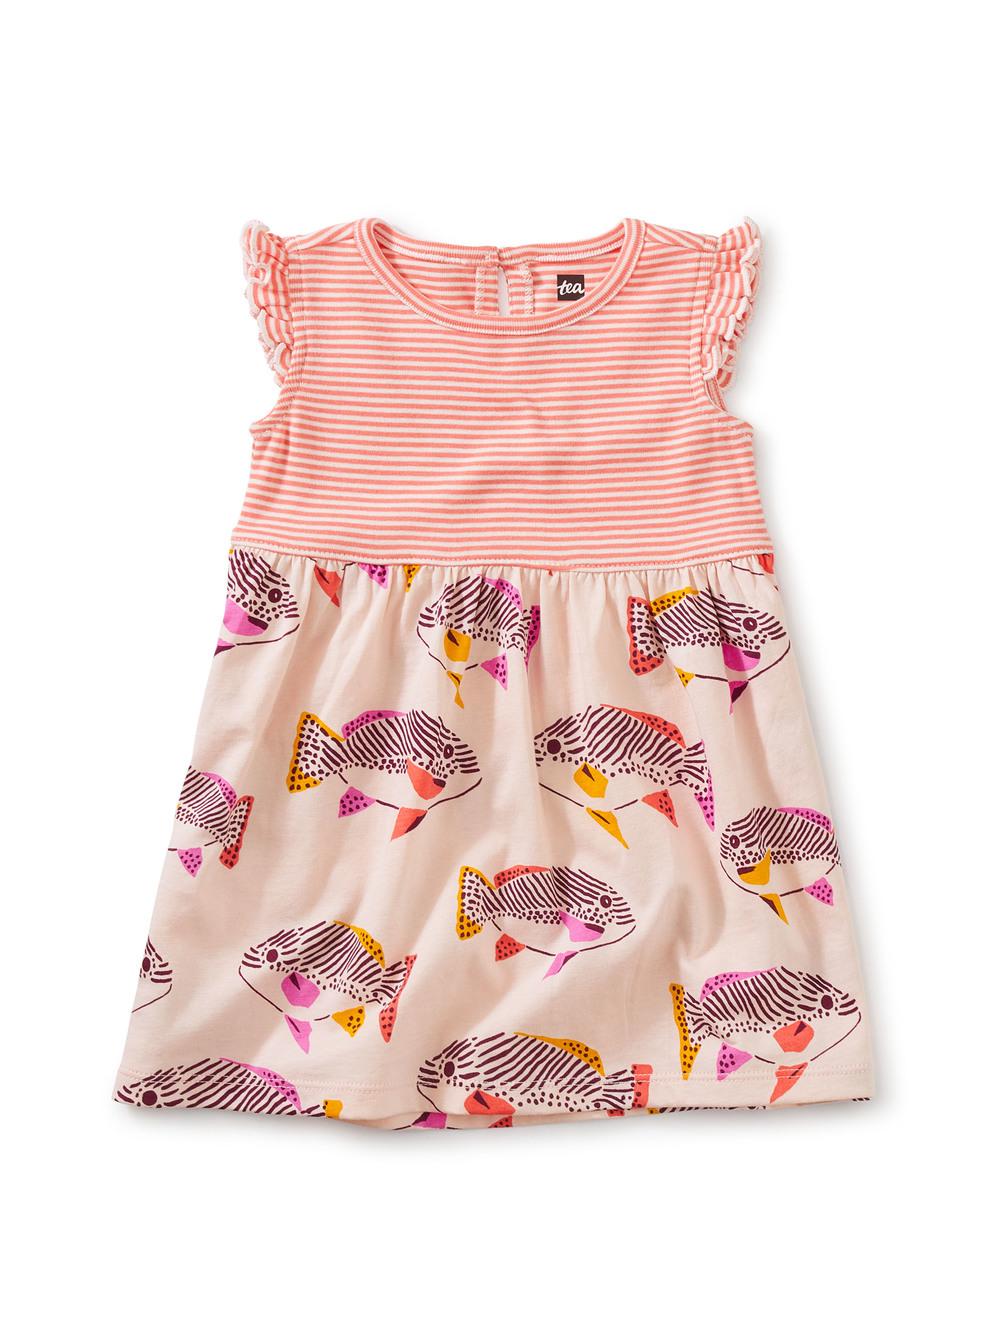 Print Mix Ruffle Baby Dress